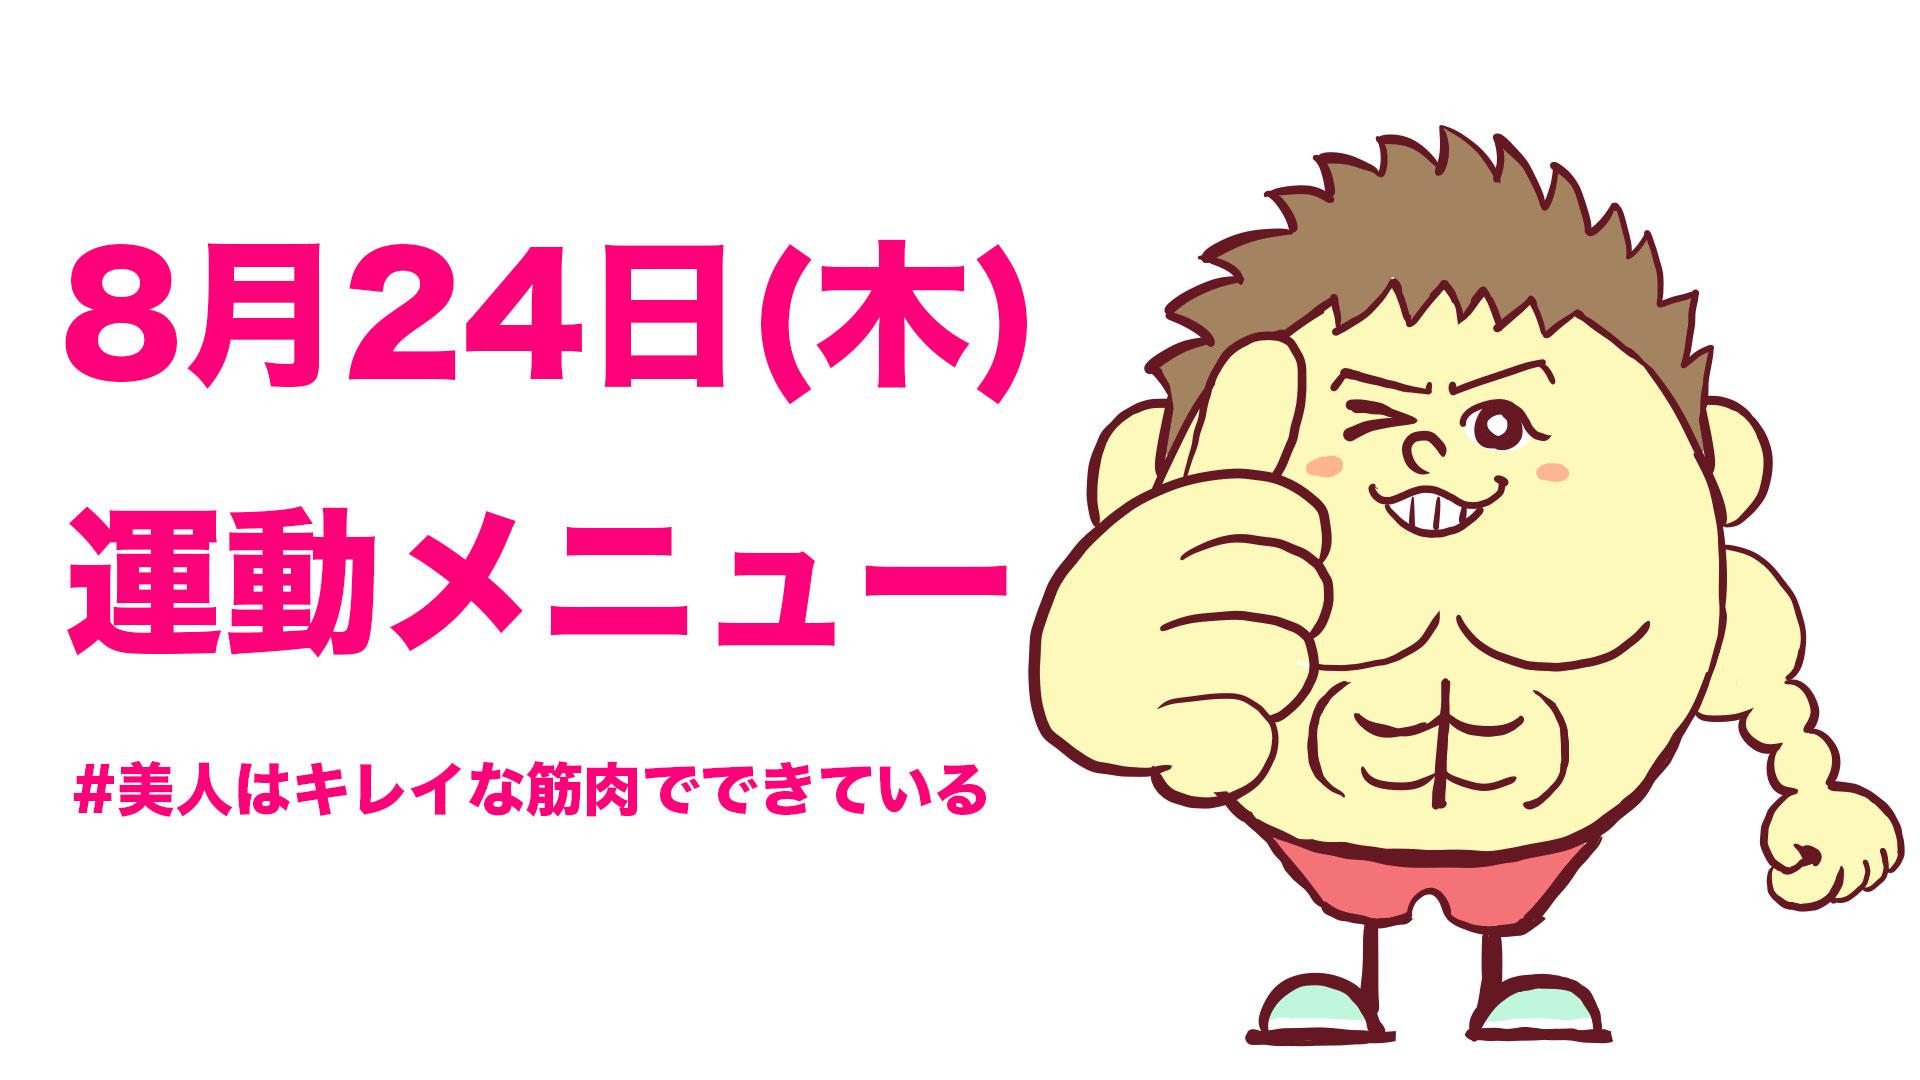 8/24の運動メニュー!